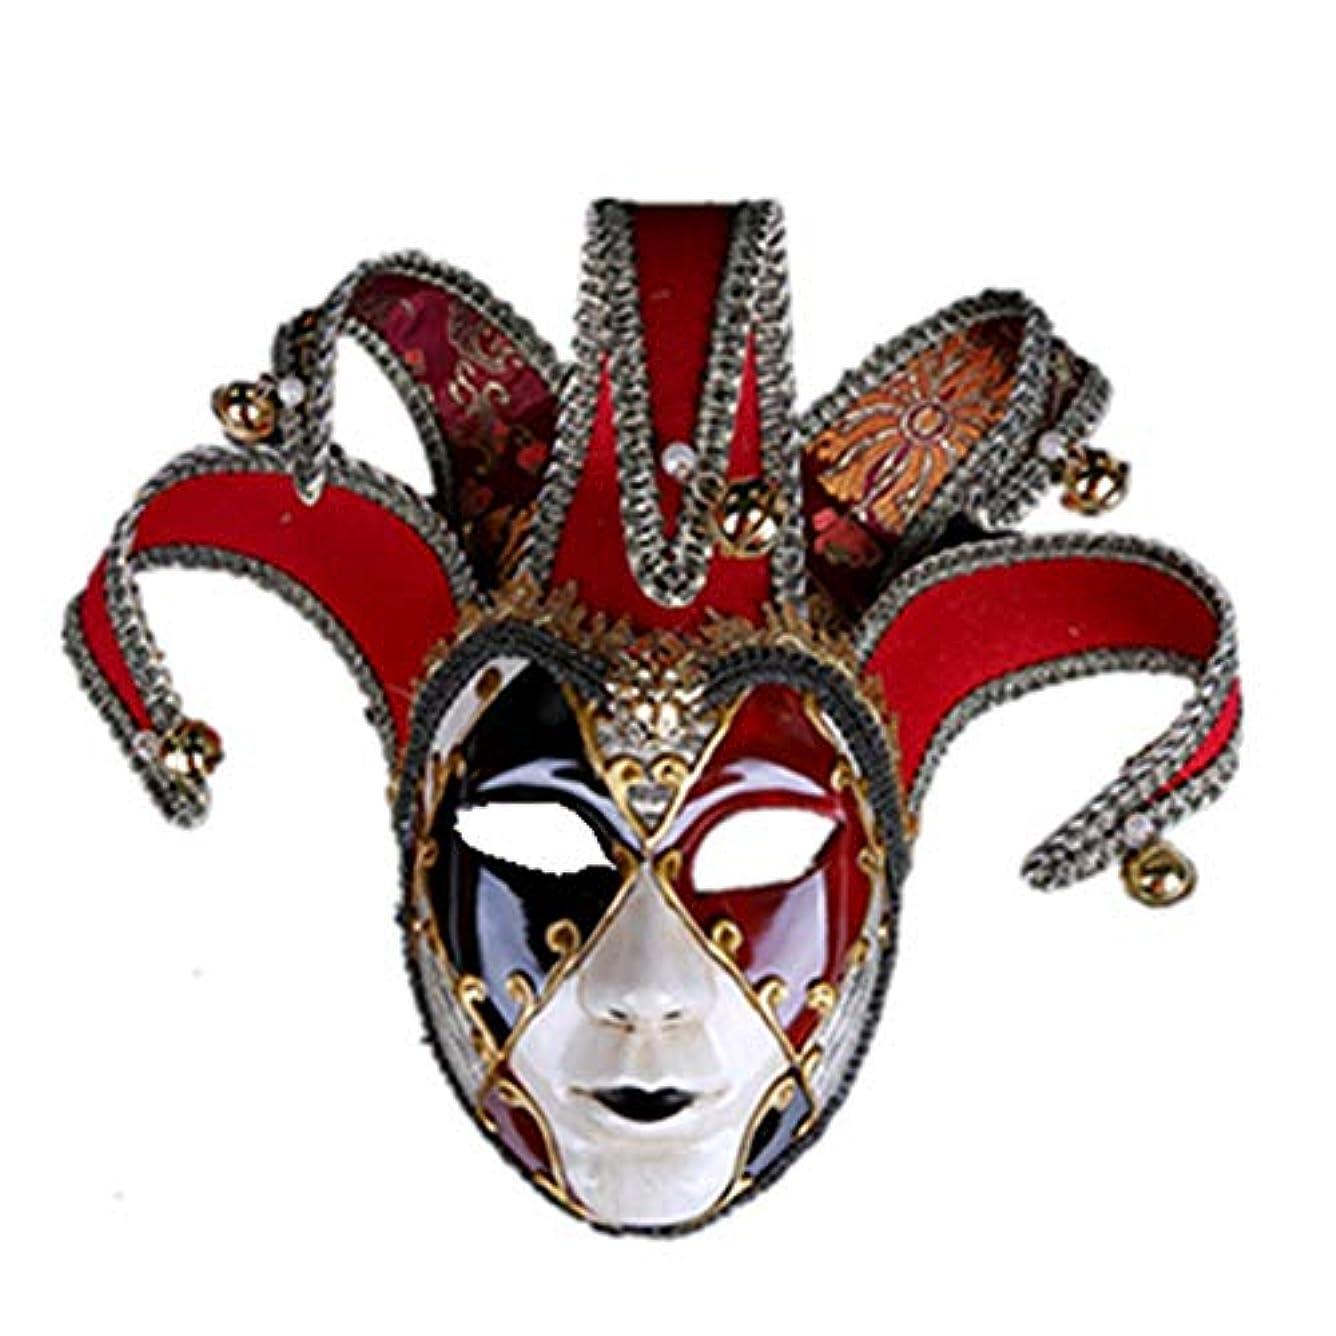 希望に満ちた豆分ダンスマスク ハロウィーンパフォーマンスパフォーマンスマスクマスカレード雰囲気用品クリスマスホリデーパーティーボールハロウィーンカーニバル パーティーボールマスク (色 : 赤, サイズ : 45x15.8cm)